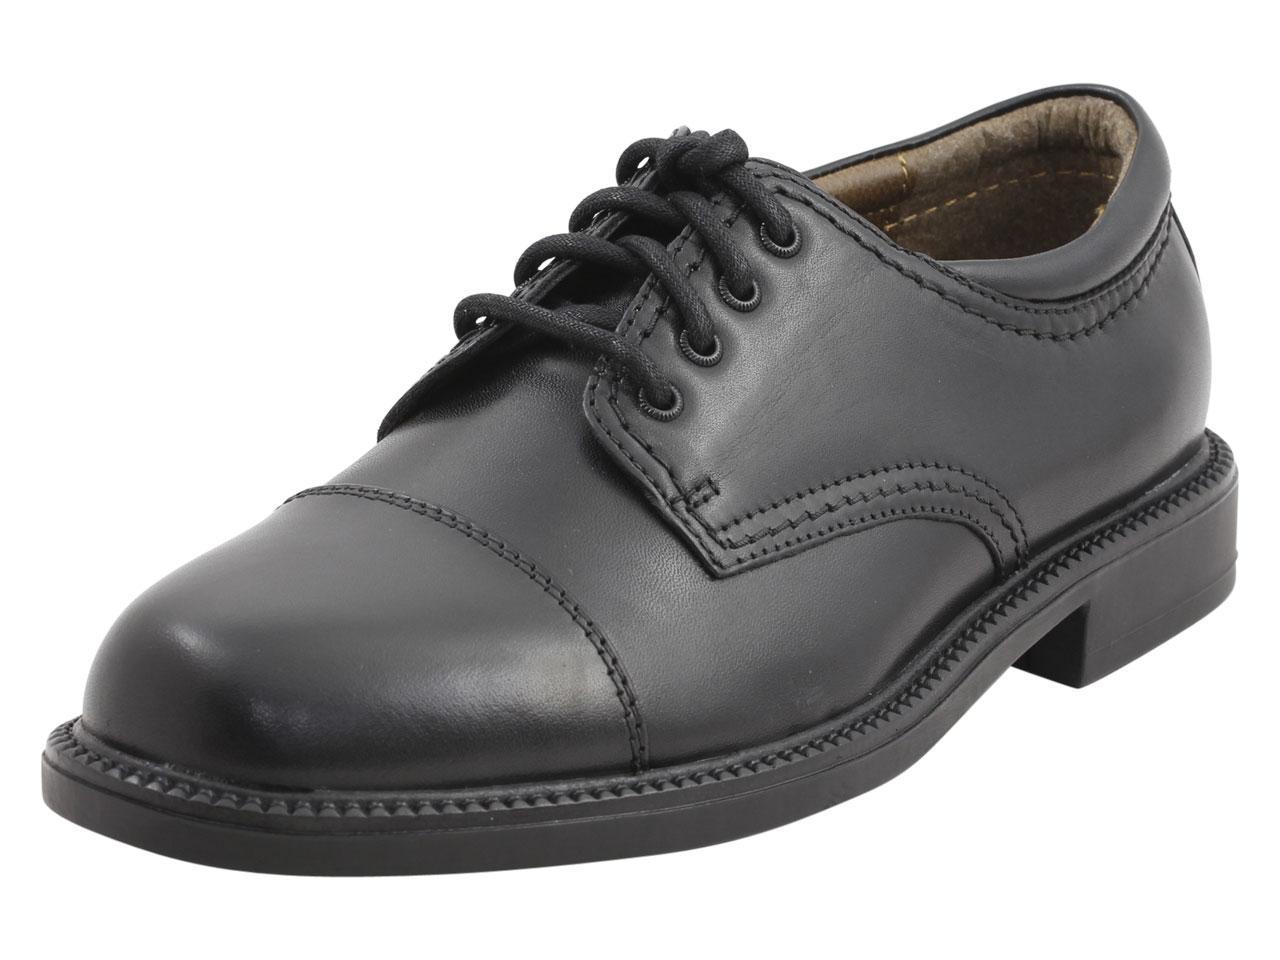 Image of Dockers Men's Gordon Cap Toe Oxfords Shoes - Black - 11 D(M) US